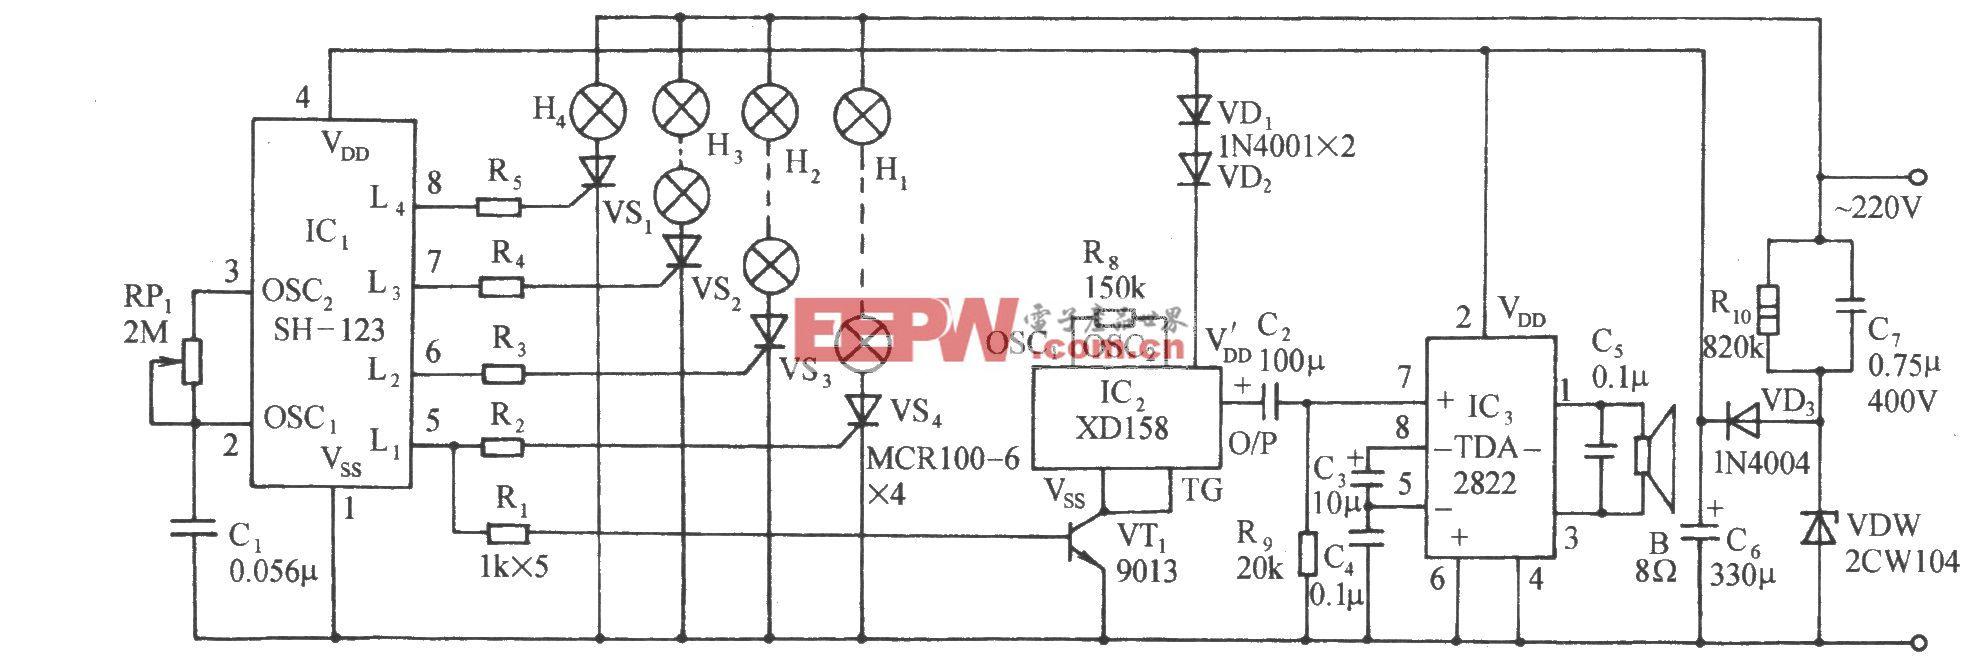 四路彩灯伴迪斯科乐曲控制电路(SH-123)